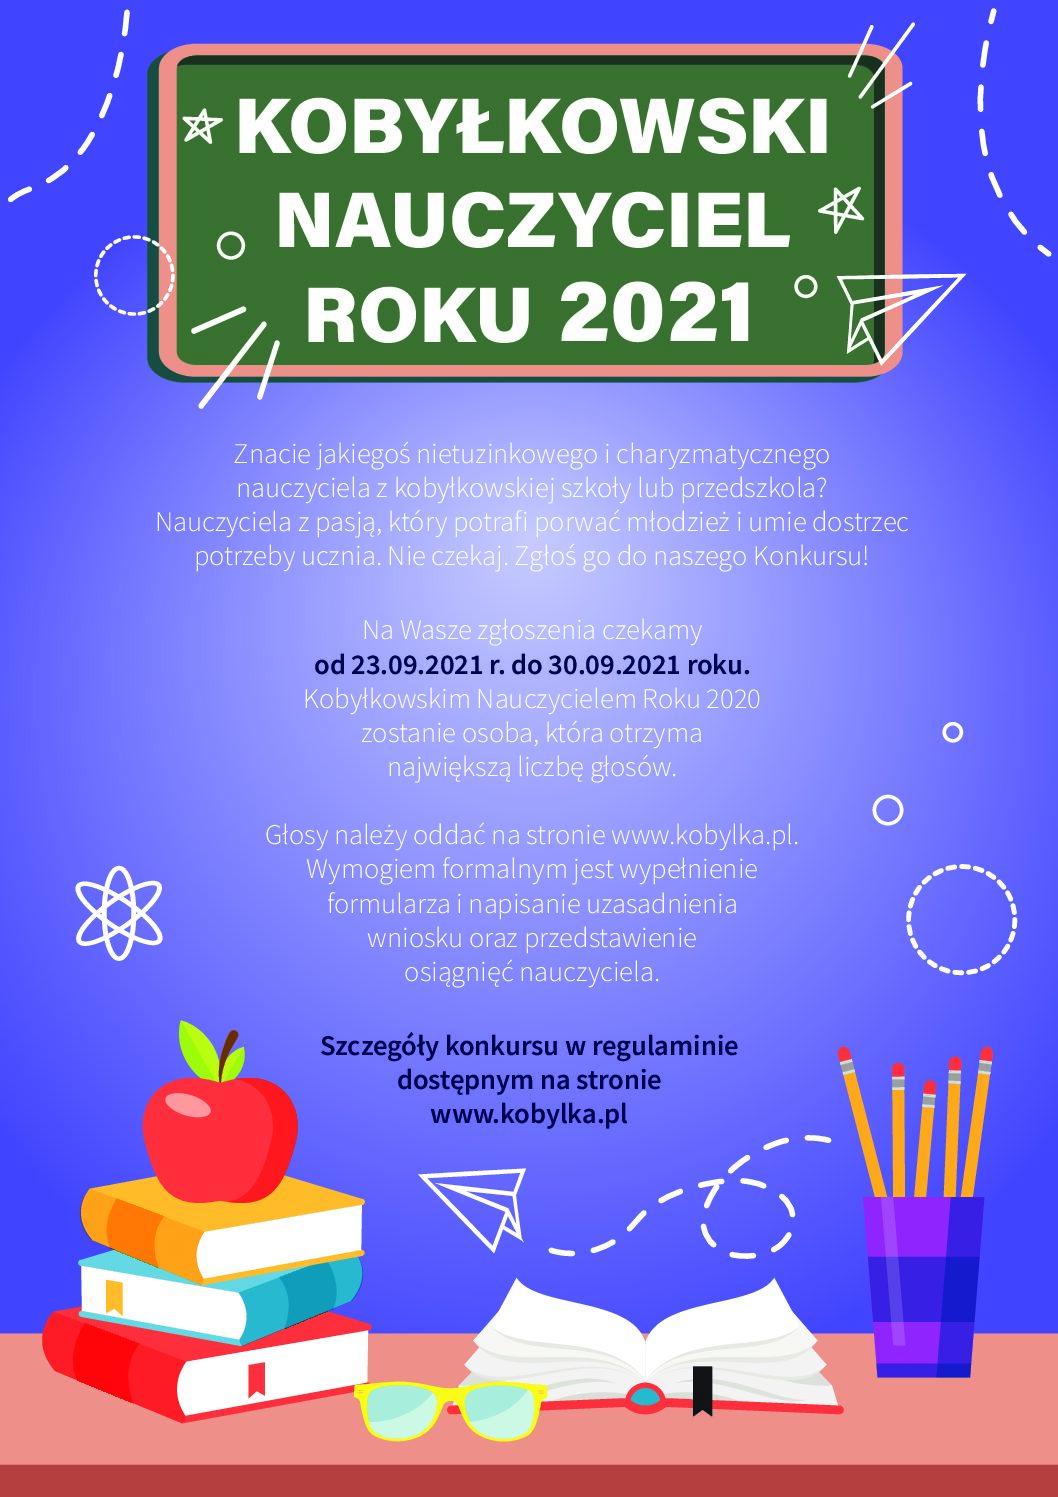 KOBYŁKOWSKI NAUCZYCIEL ROKU 2021